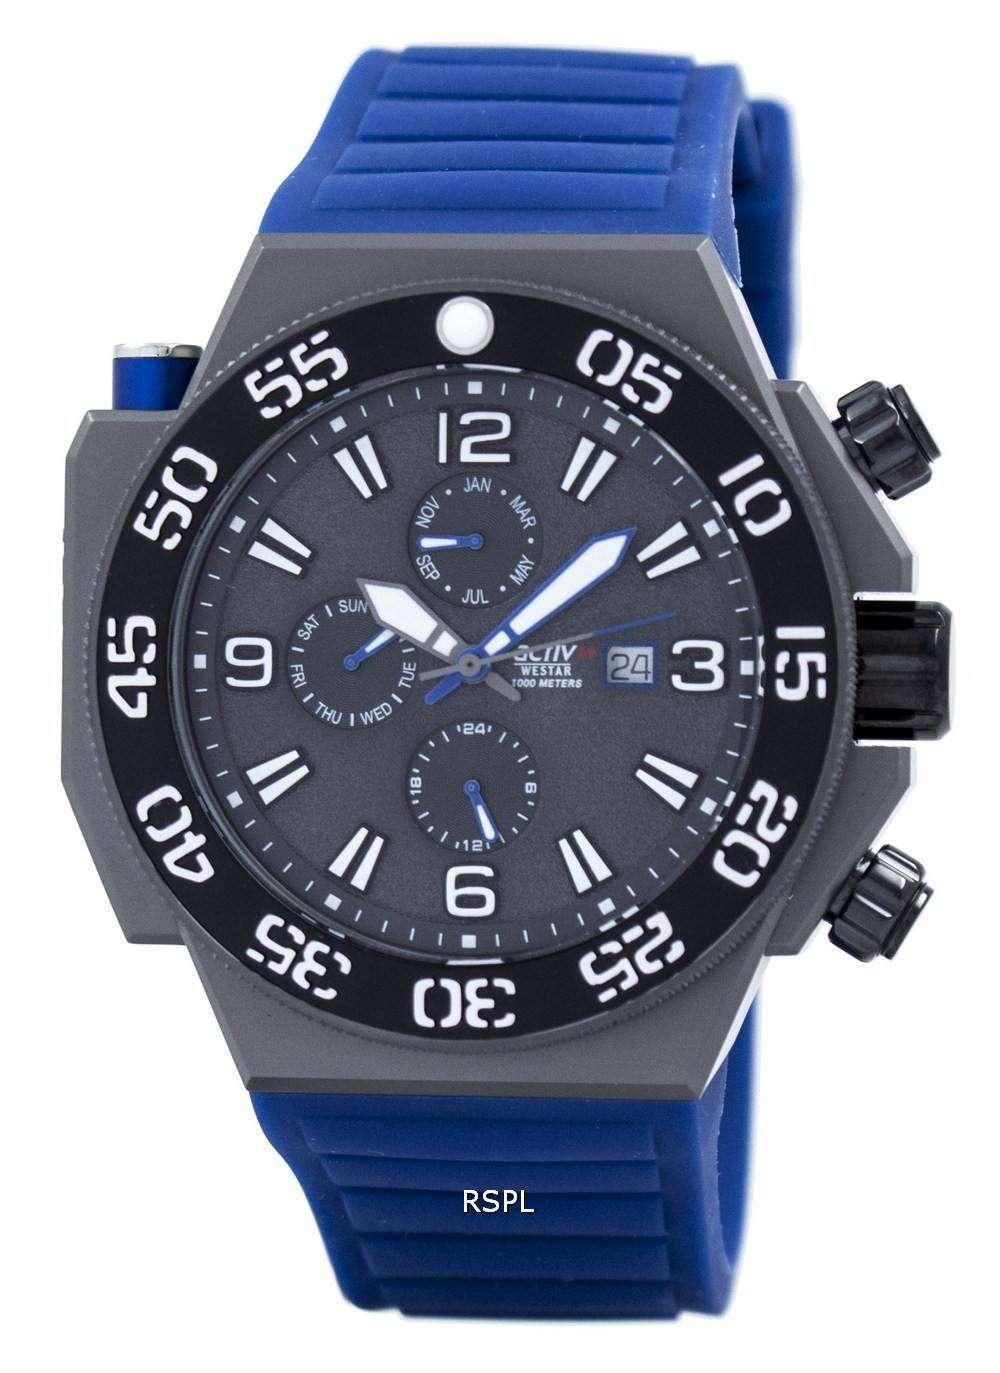 ウェスター クオーツ 1000 M 90075GGN446 メンズ腕時計